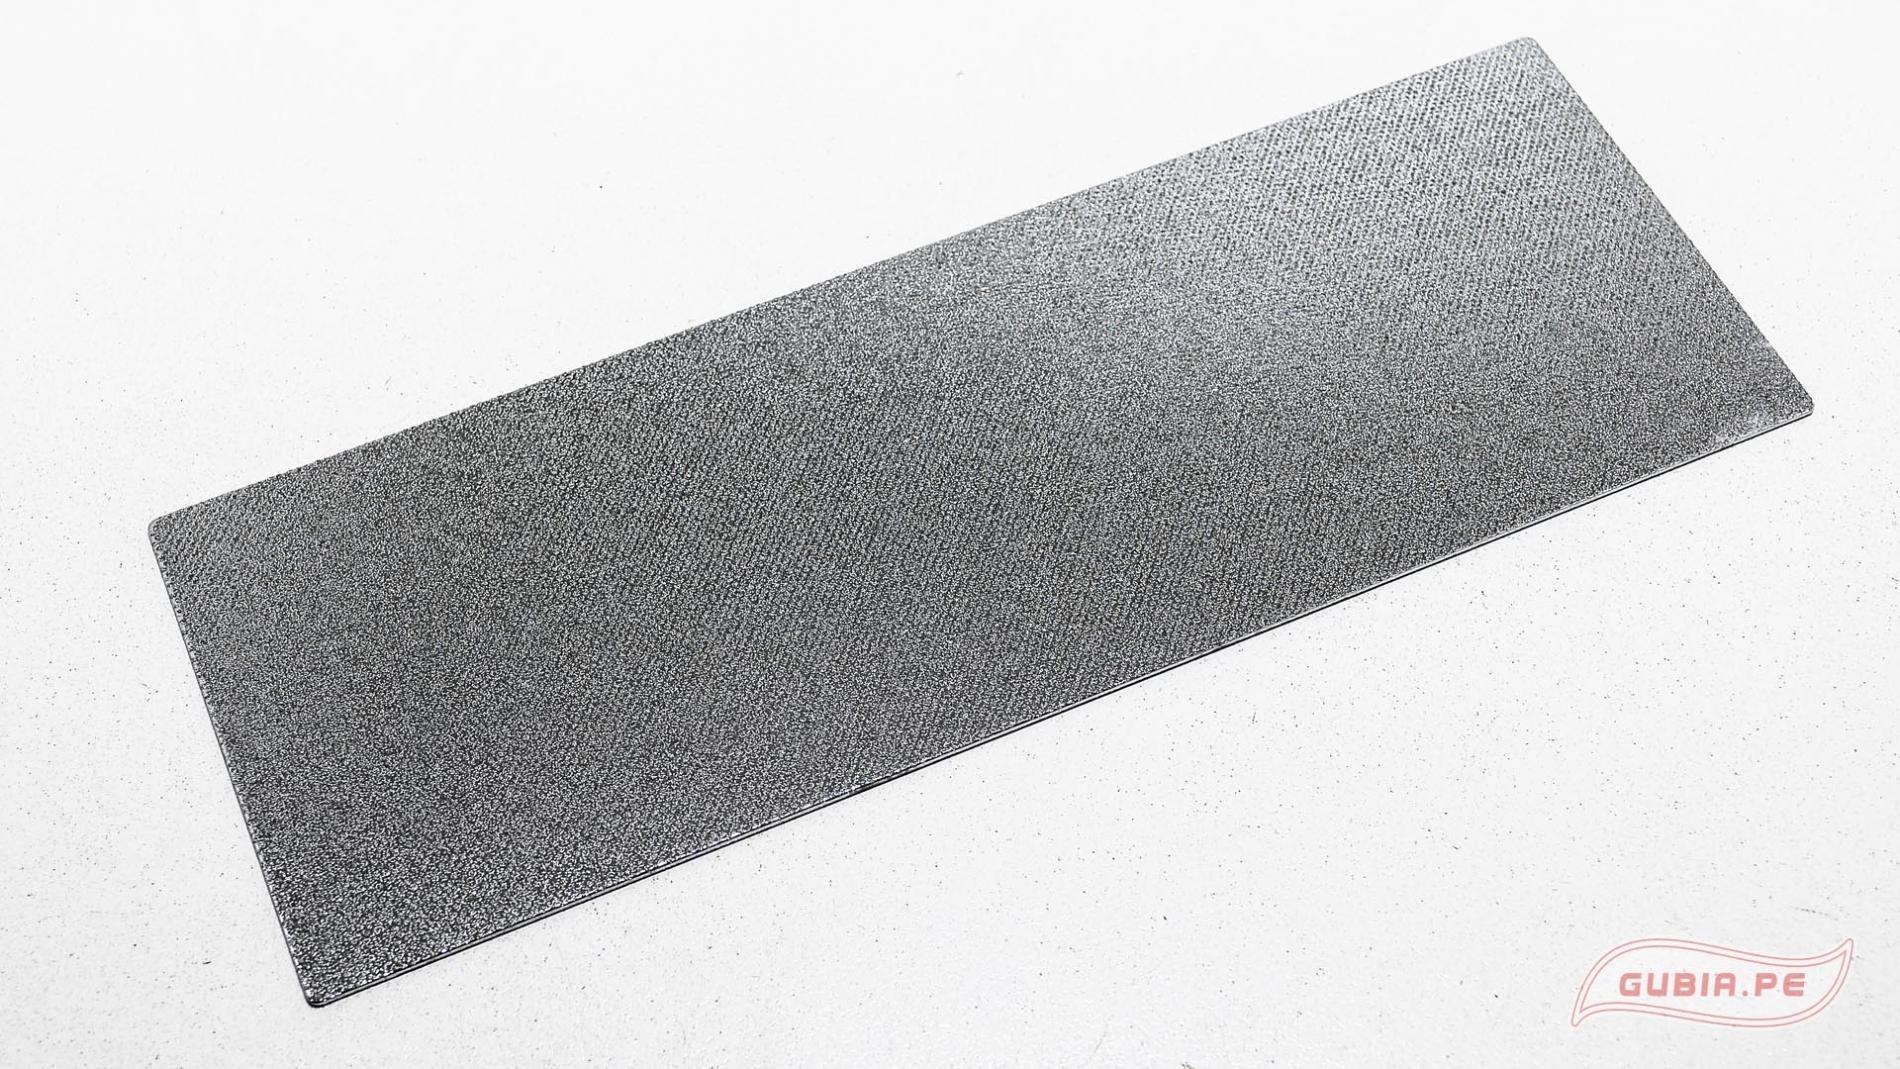 ATM75-1.4C-Repuesto placa diamantada inox 210x75x1mm grano 140 Atoma ATM75-1.4C-max-2.